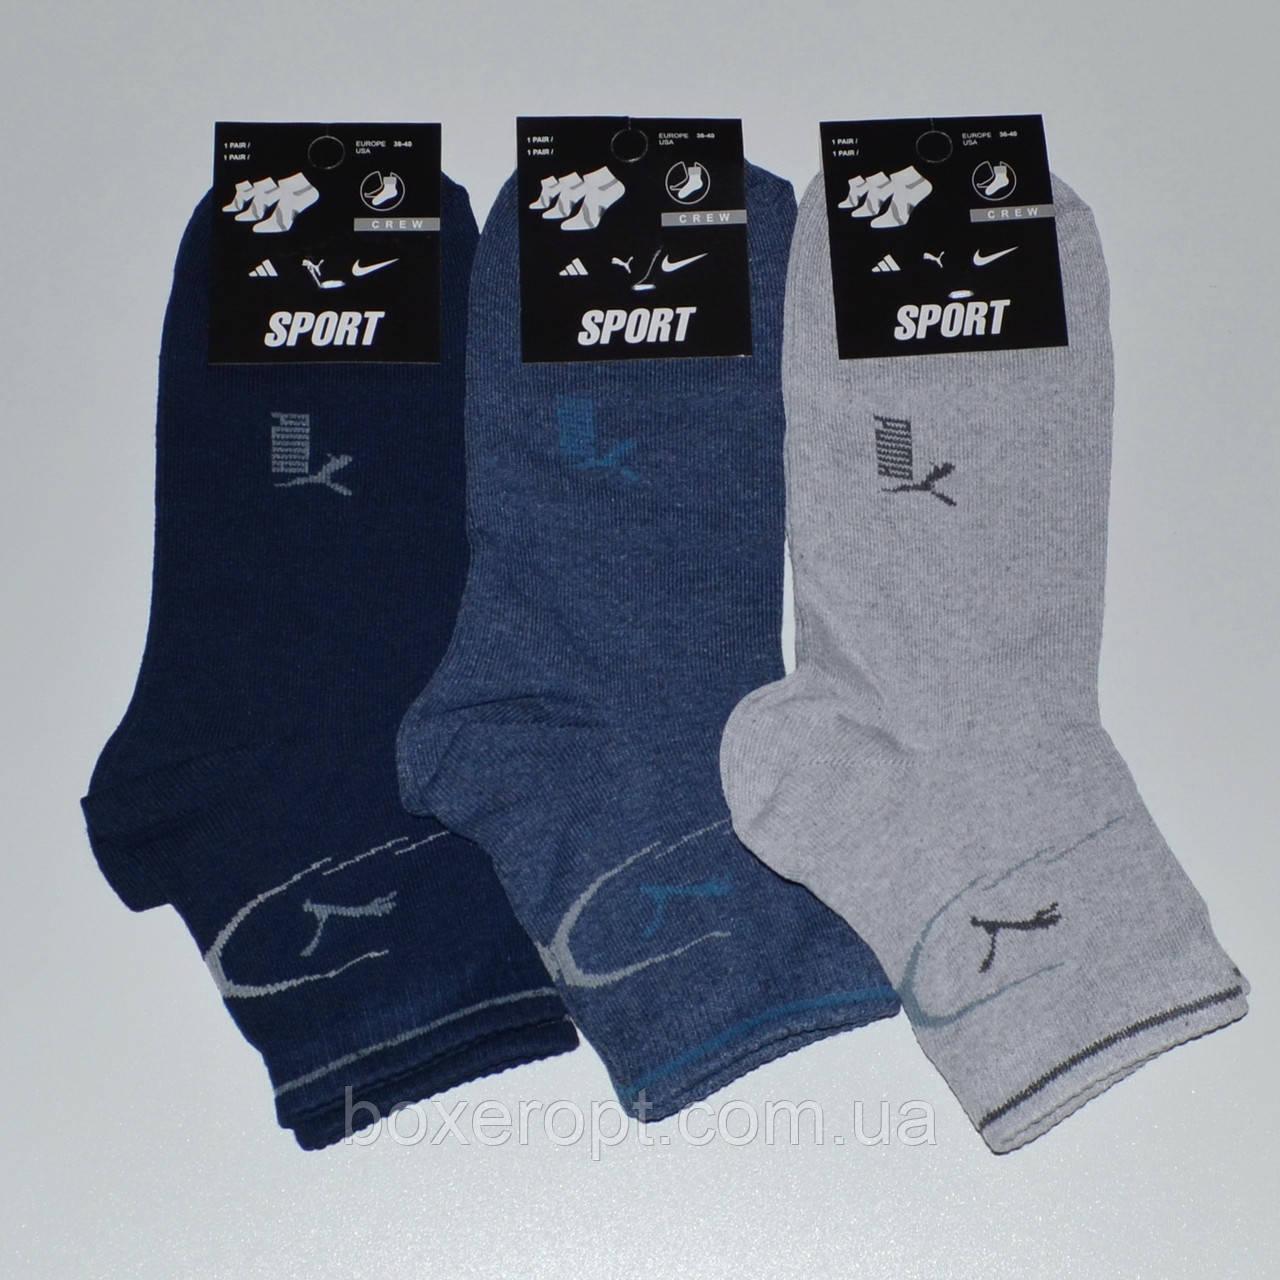 62fcc2347730 Мужские носки Puma - 8.00 грн. пара (ассорти), цена 96 грн. упаковка ...